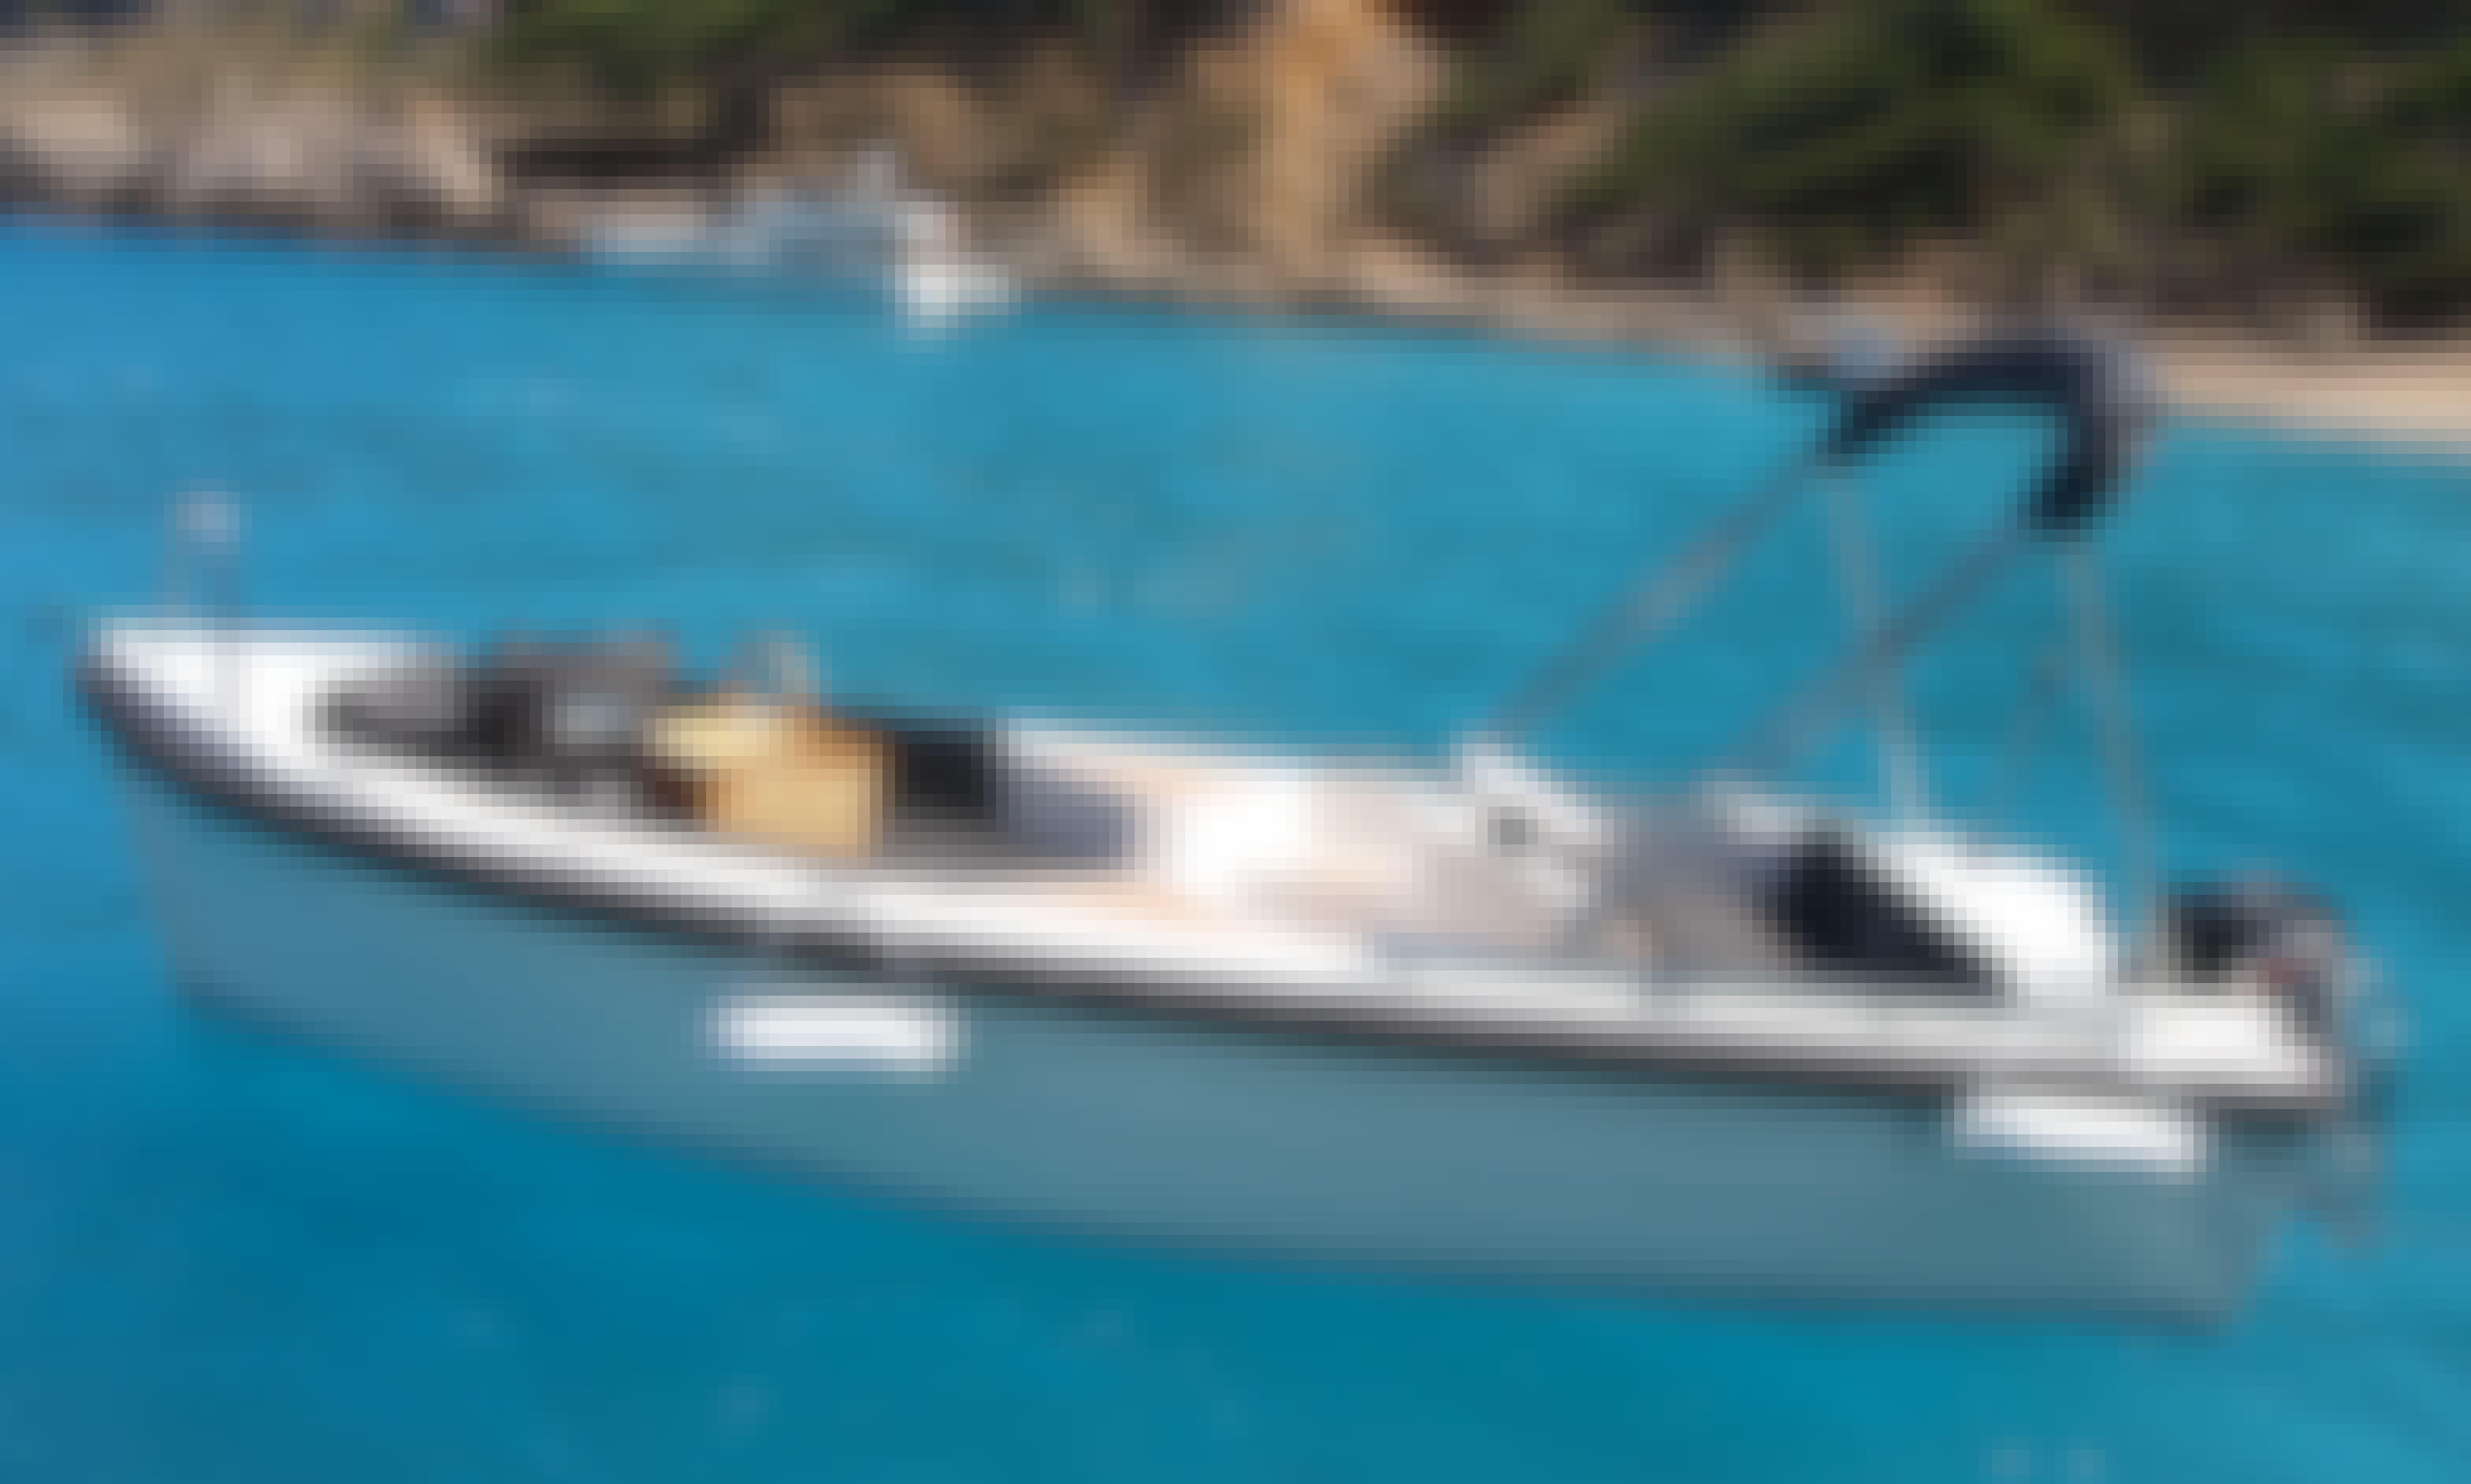 Silver495 15HP no license boat in Port d'Alcúdia, Mallorca